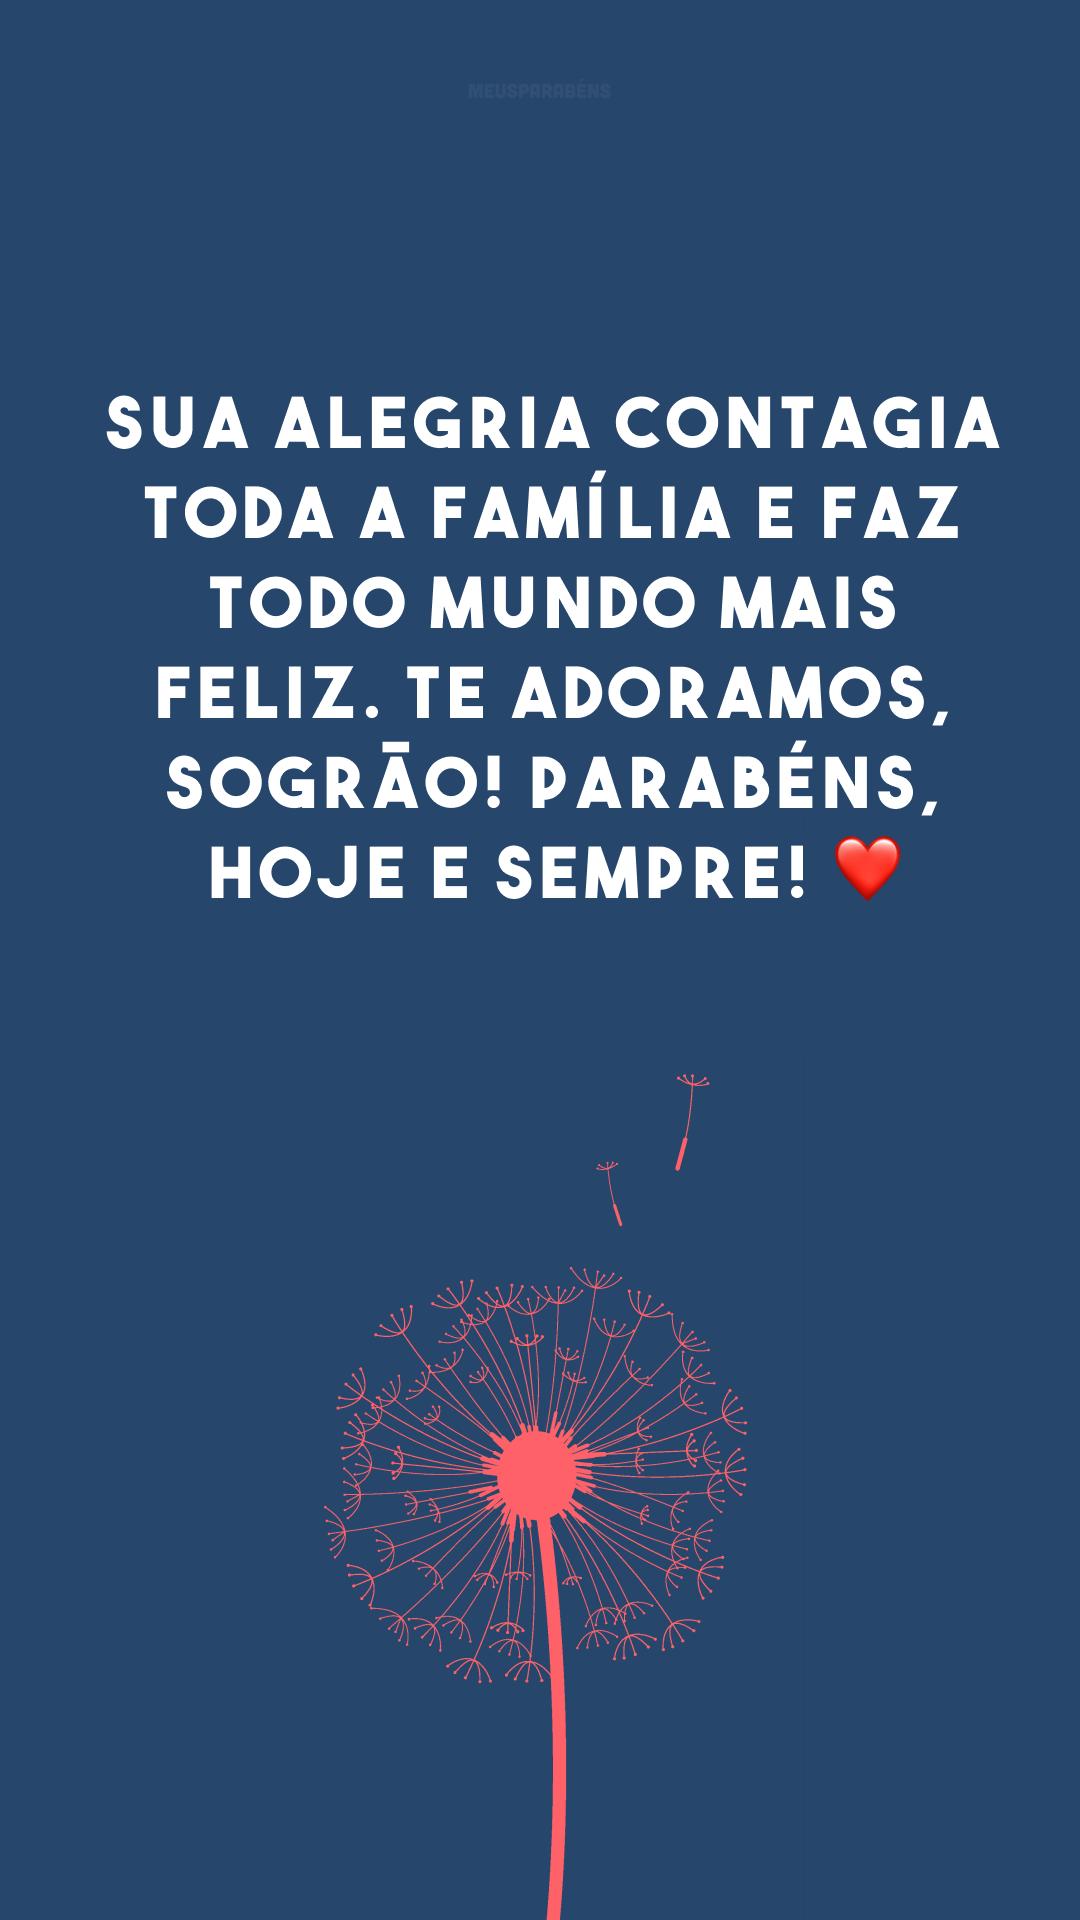 Sua alegria contagia toda a família e faz todo mundo mais feliz. Te adoramos, sogrão! Parabéns, hoje e sempre! ❤